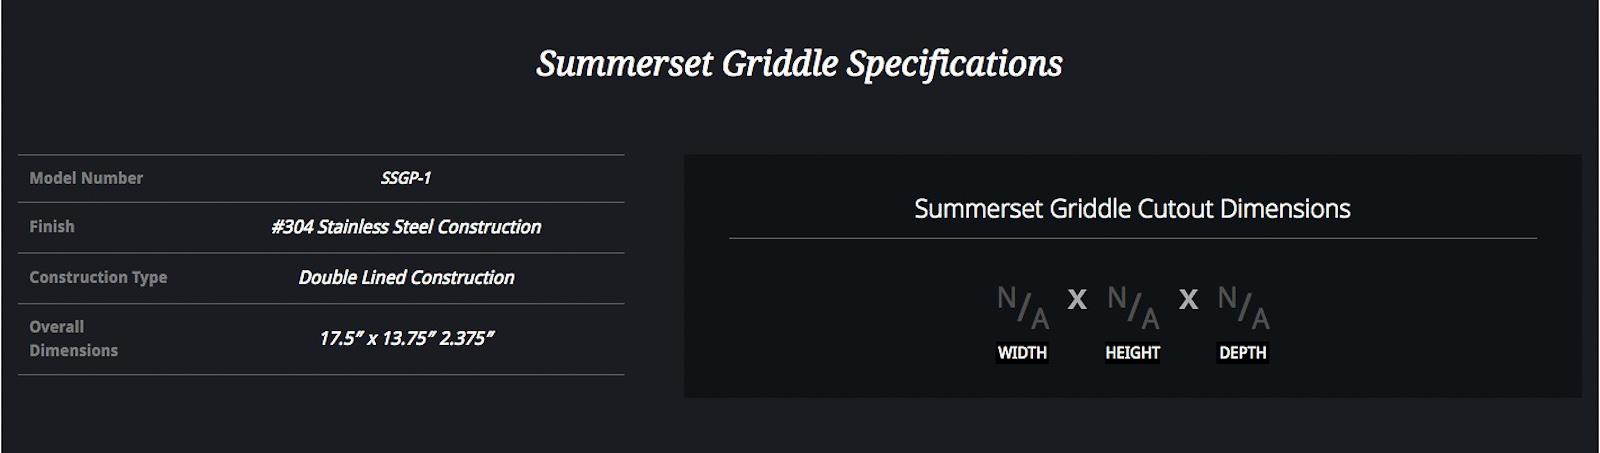 summerset-griddle-ssgp-1.jpg